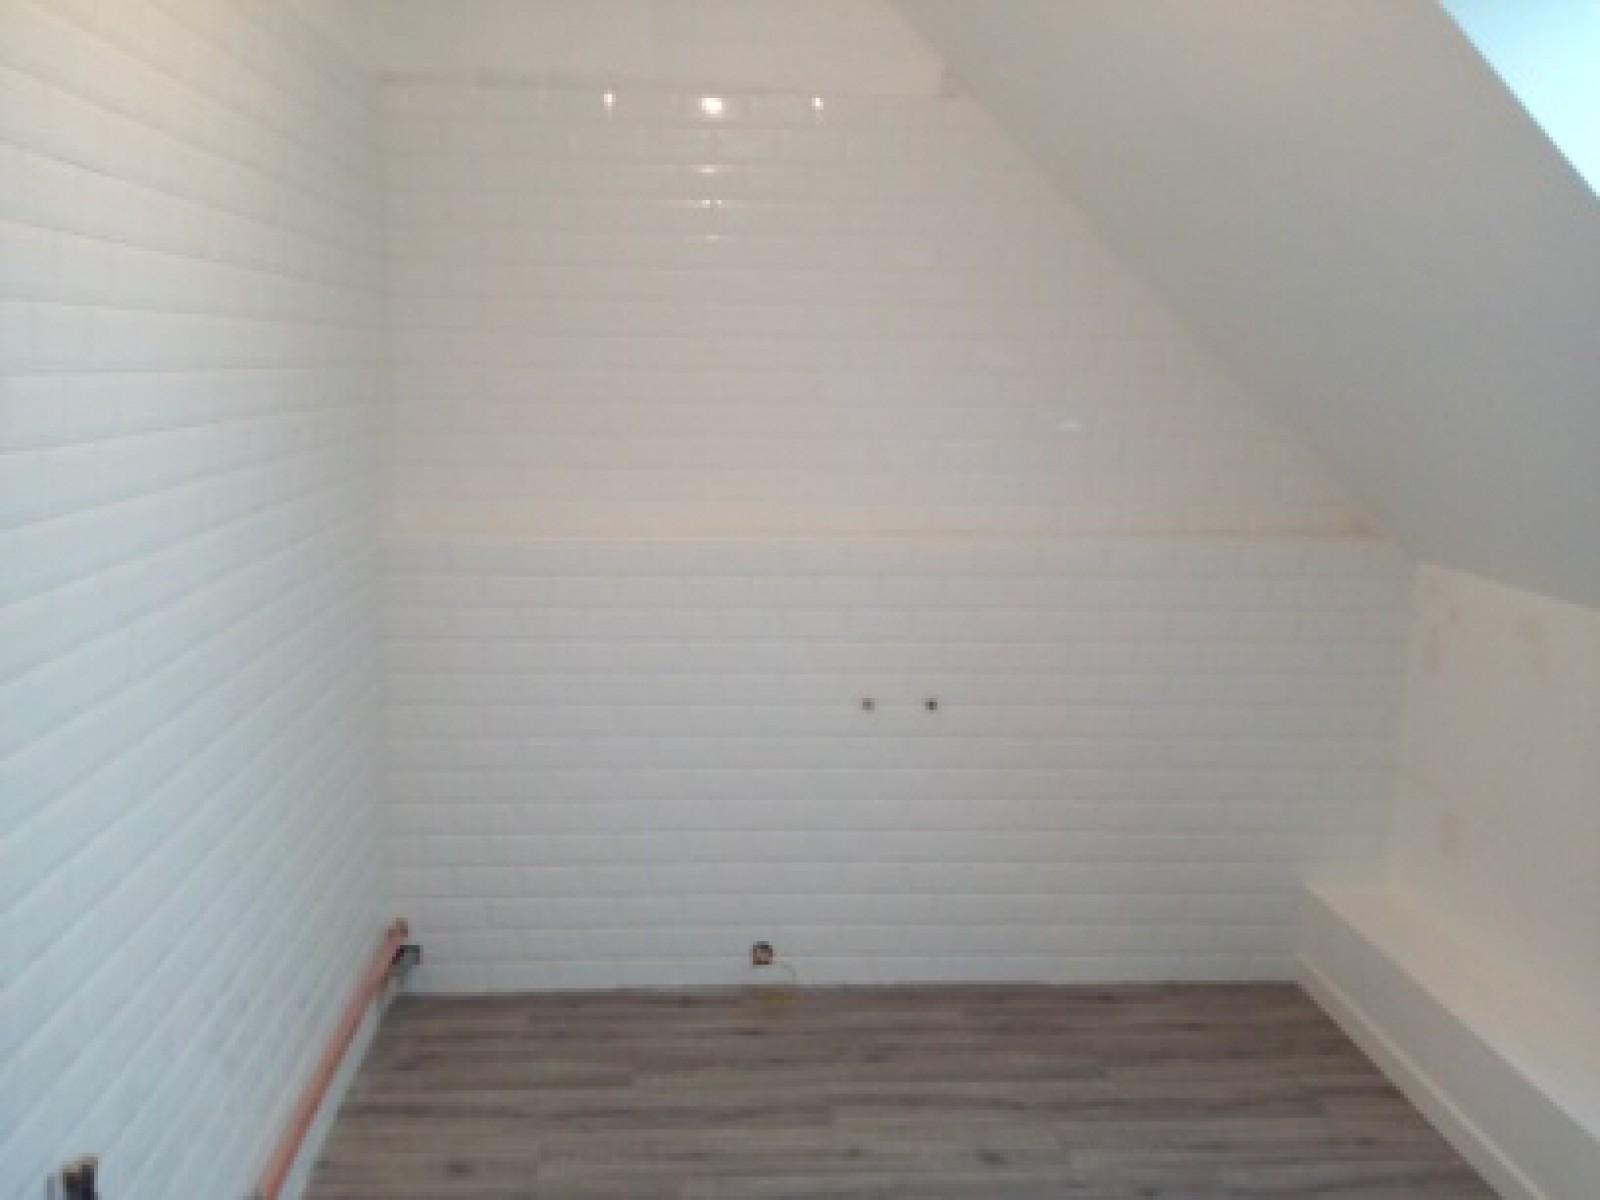 Rénovation salle de bain avec pose de carrelage style métro dans le ...